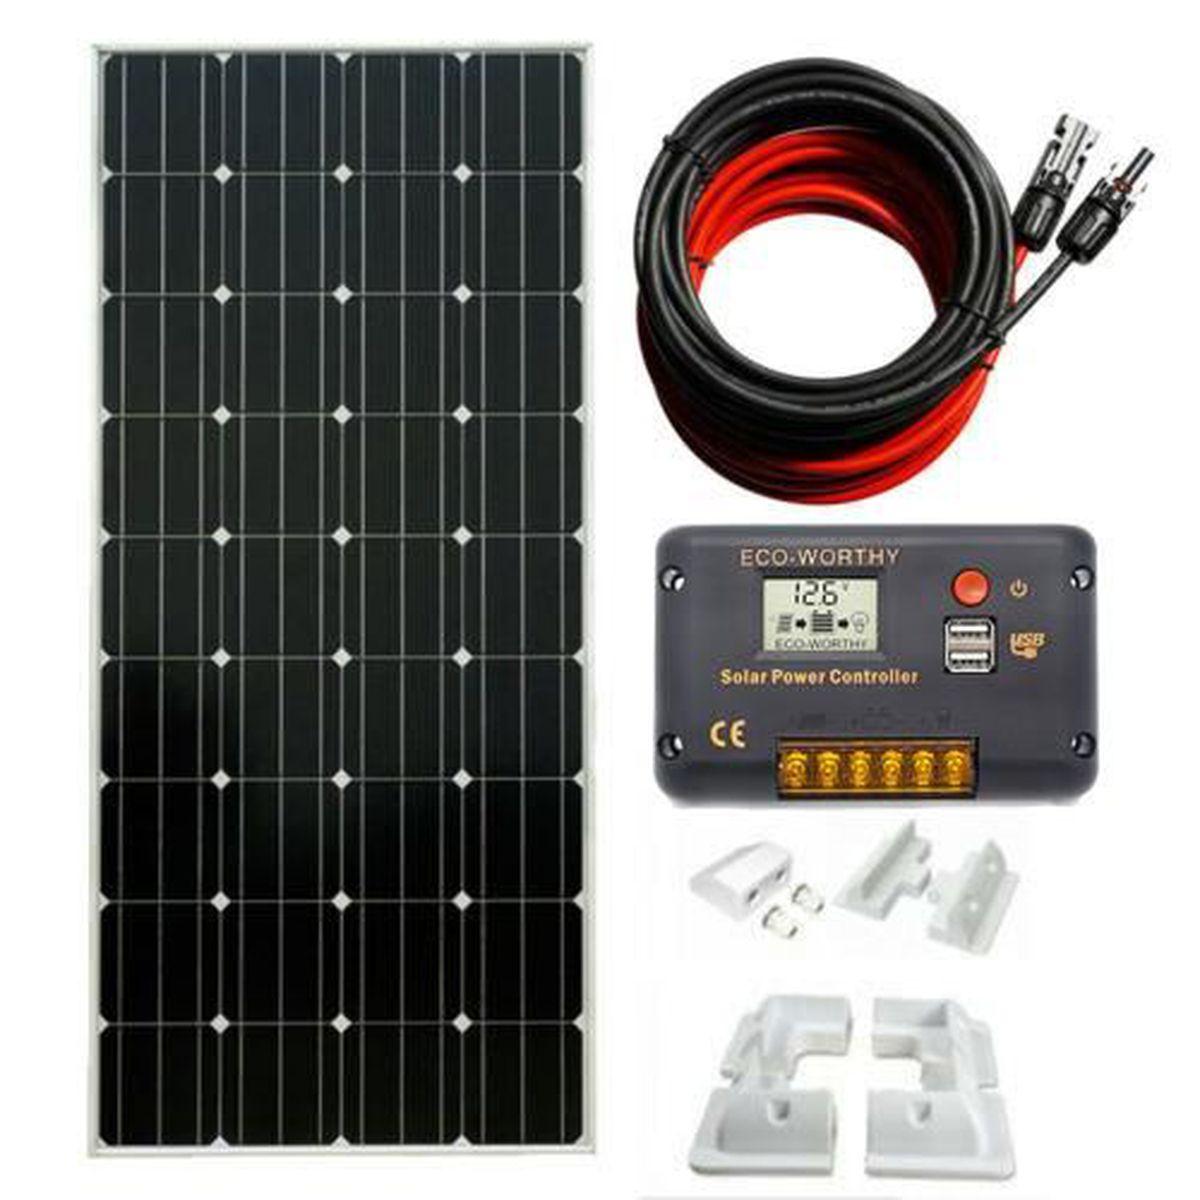 150W panneau solaire mono 12V kit complet supports de montage pour caravane bateau camping-car